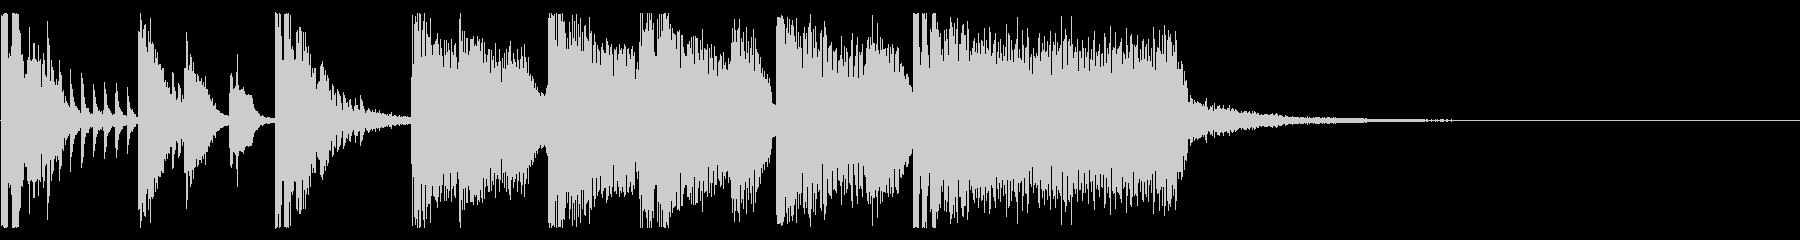 ポップなEDM系ジングルミュージック6の未再生の波形